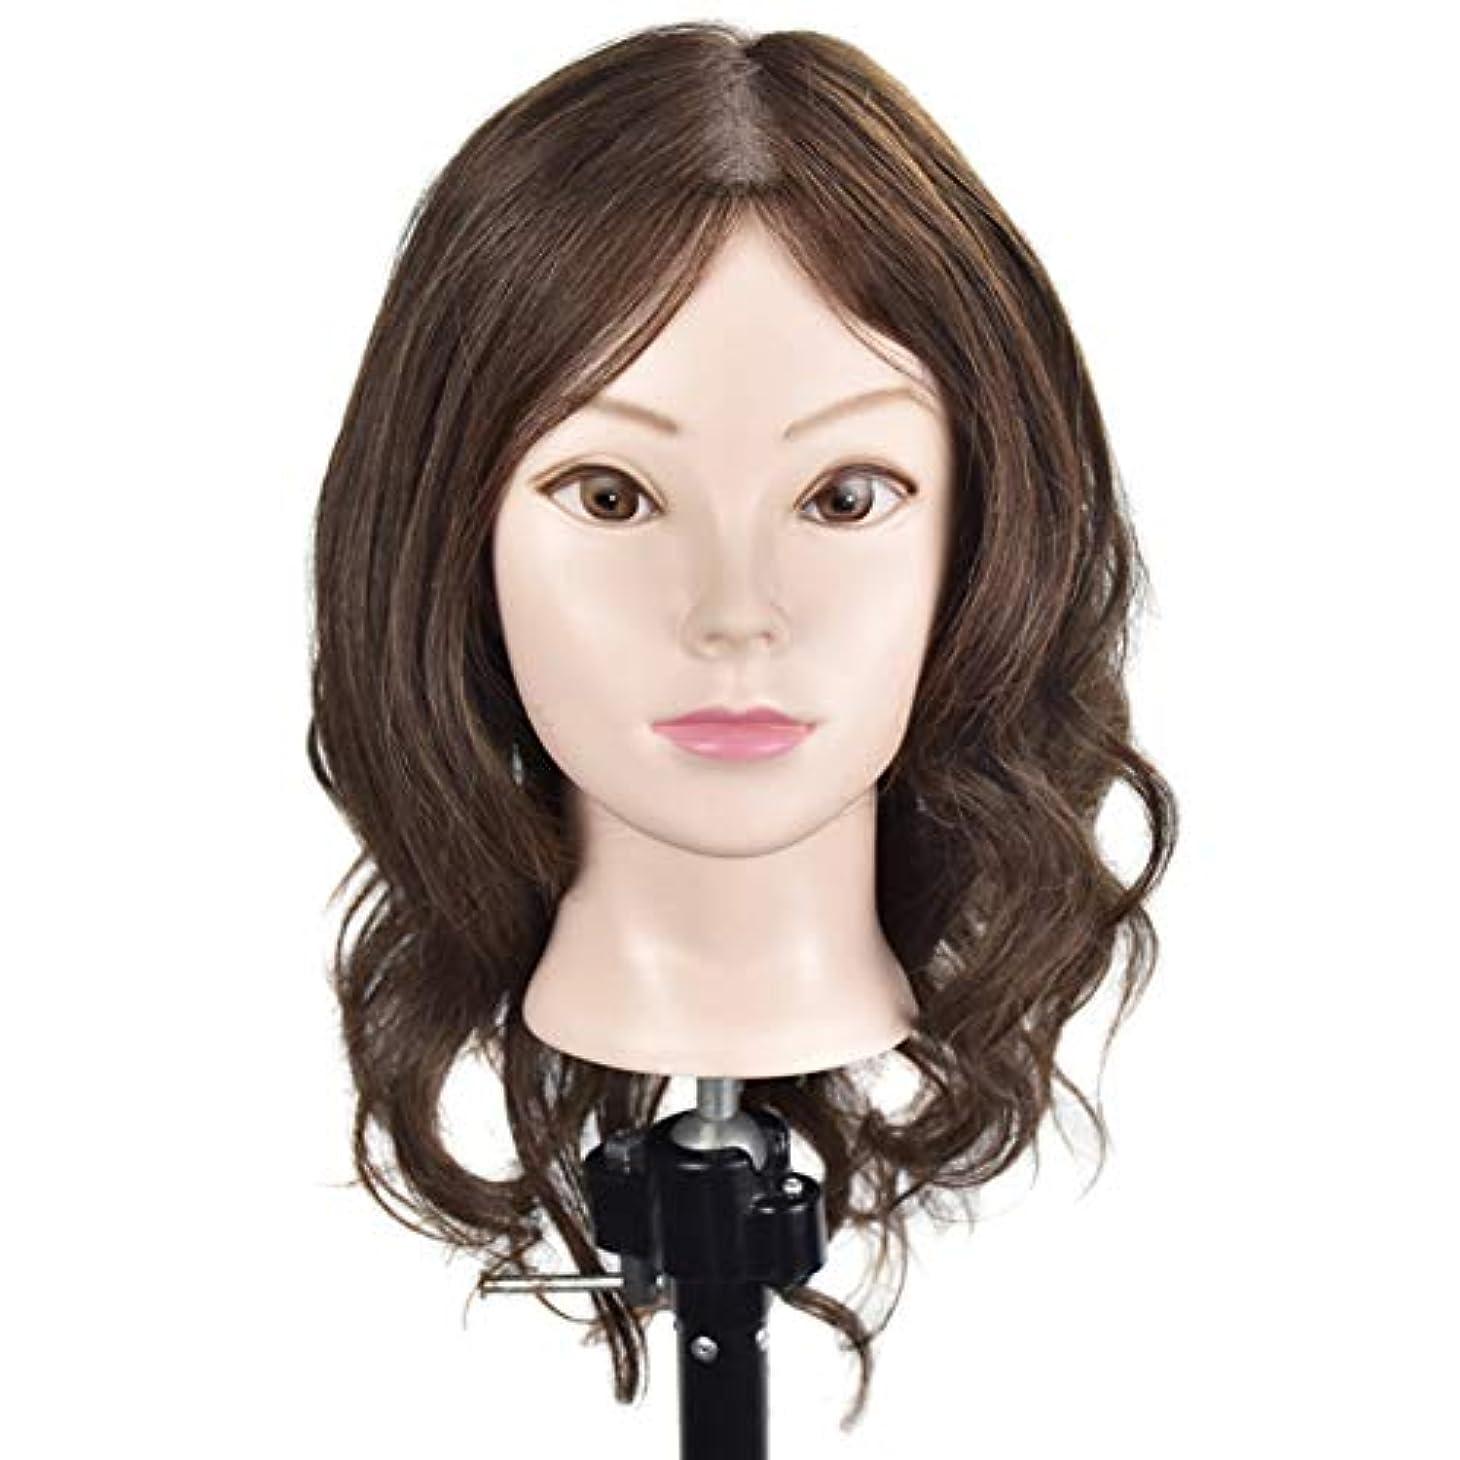 霜グラディスマッシュ専門の練習ホット染色漂白はさみモデリングマネキン髪編組髪かつら女性モデルティーチングヘッド